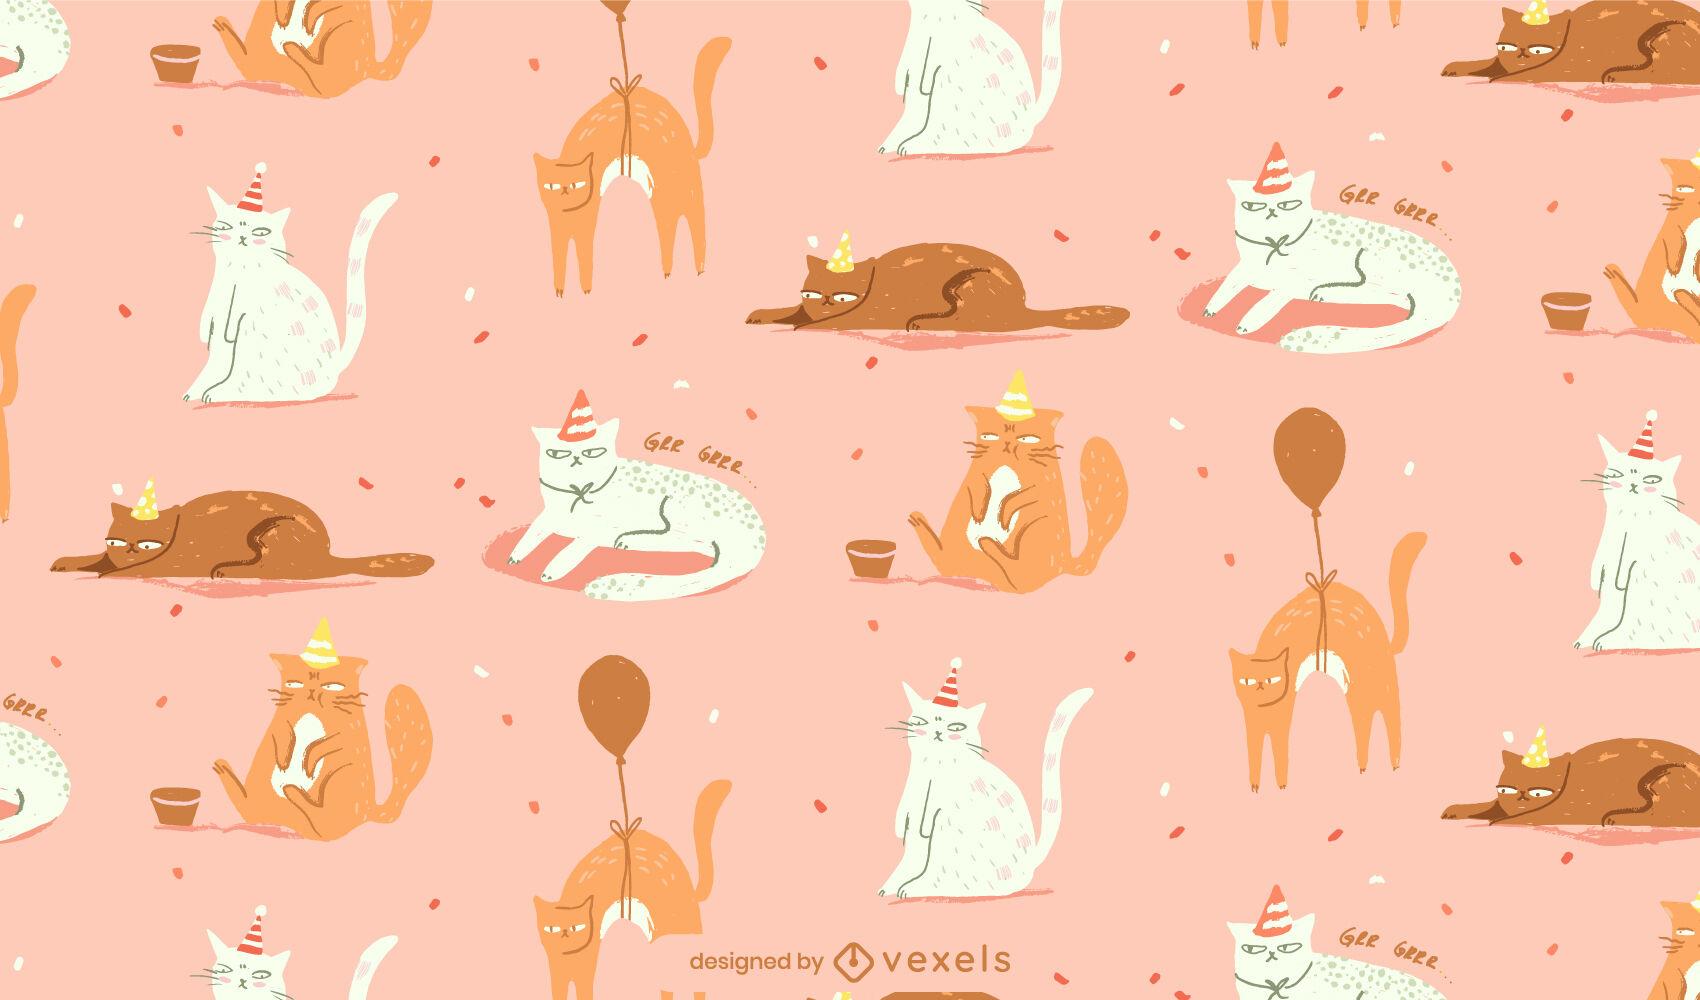 Patrón de ilustración de gatos gruñones